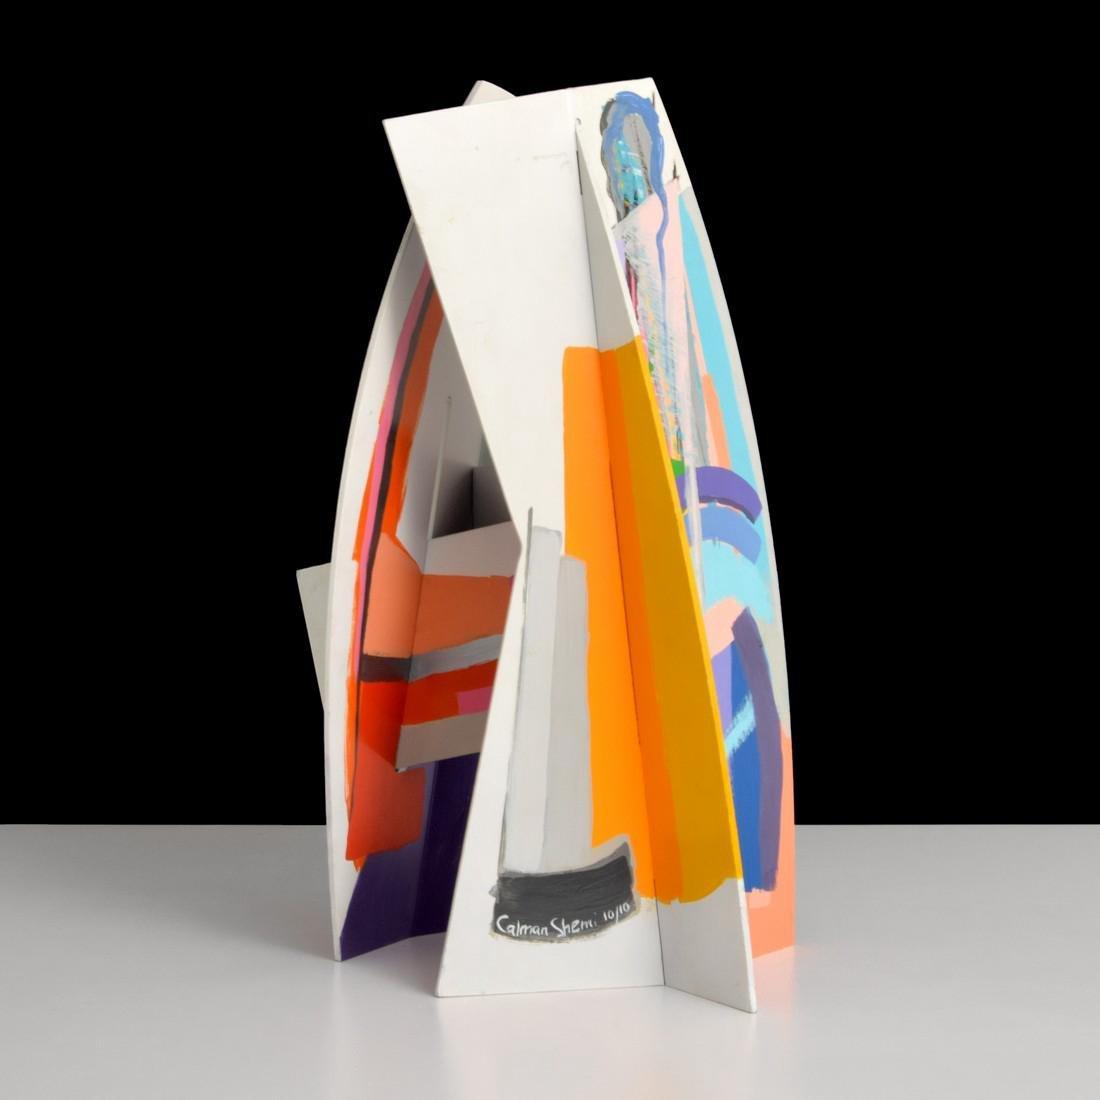 Large Calman Shemi Sculpture